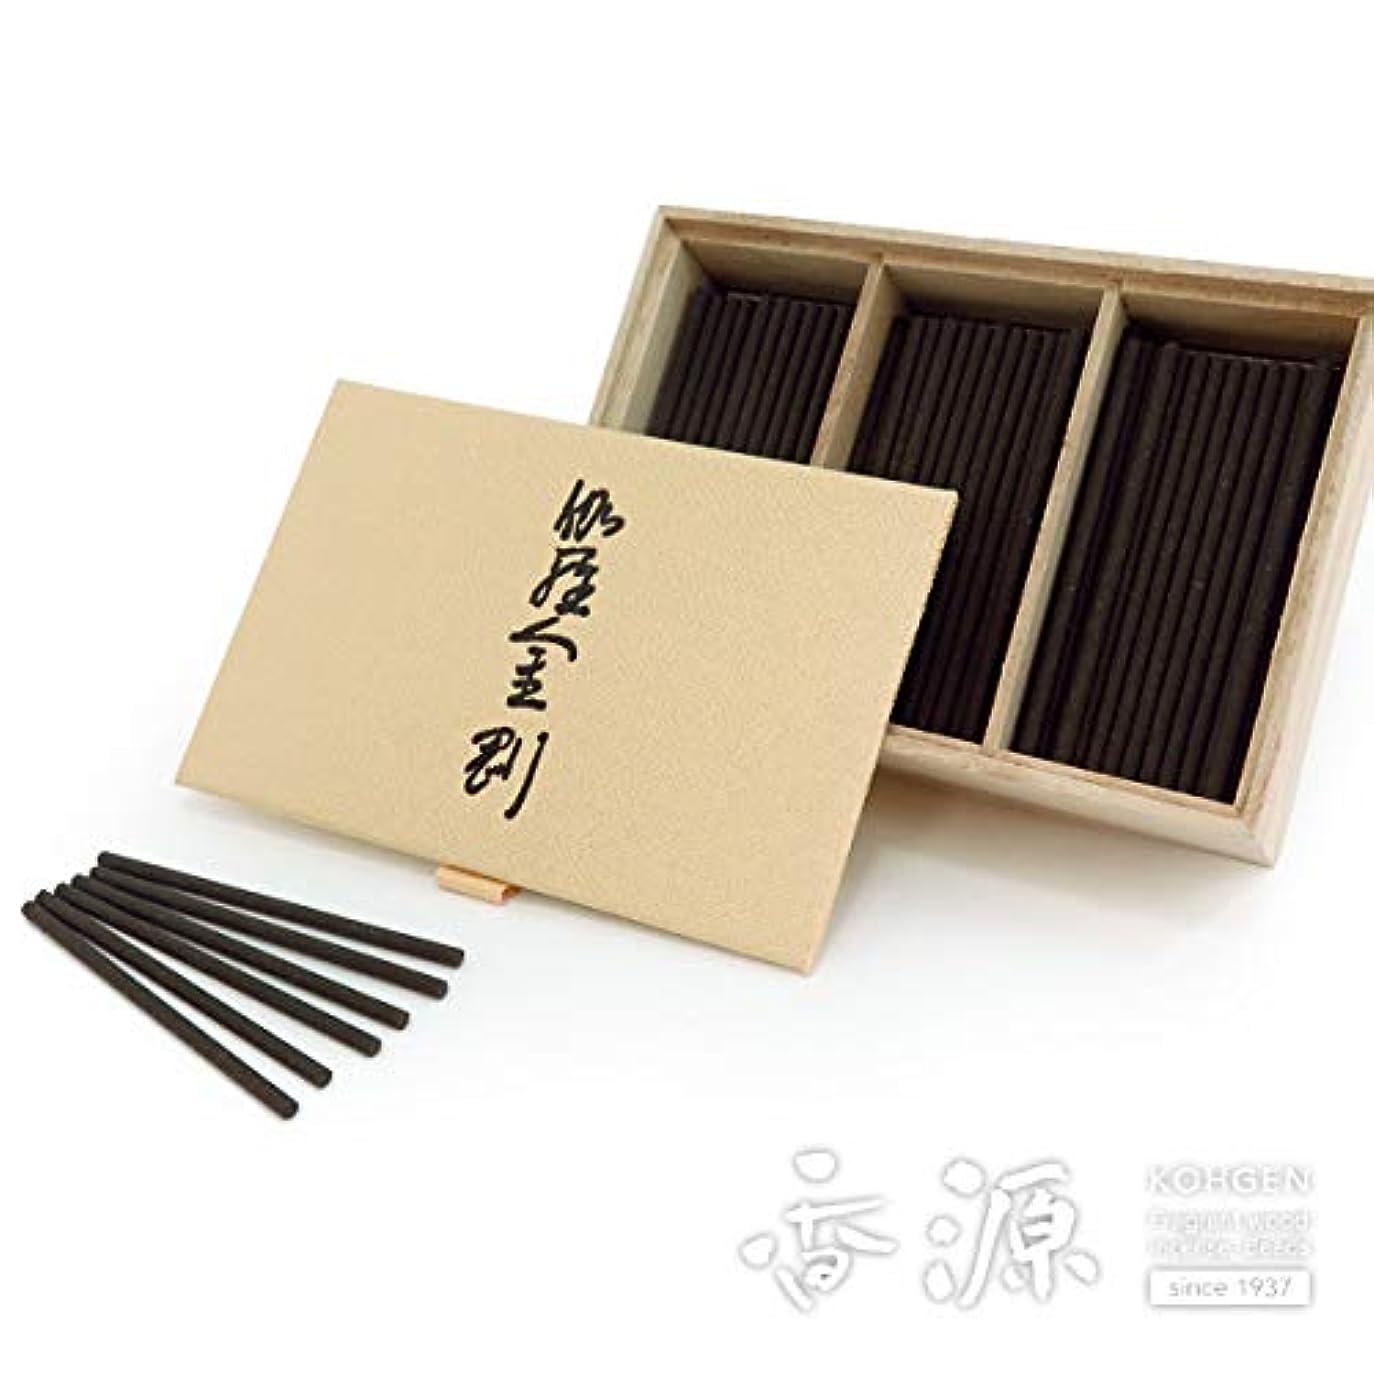 ドア誓い打倒日本香堂のお香 伽羅金剛 スティックミニ寸お徳用 150本入り